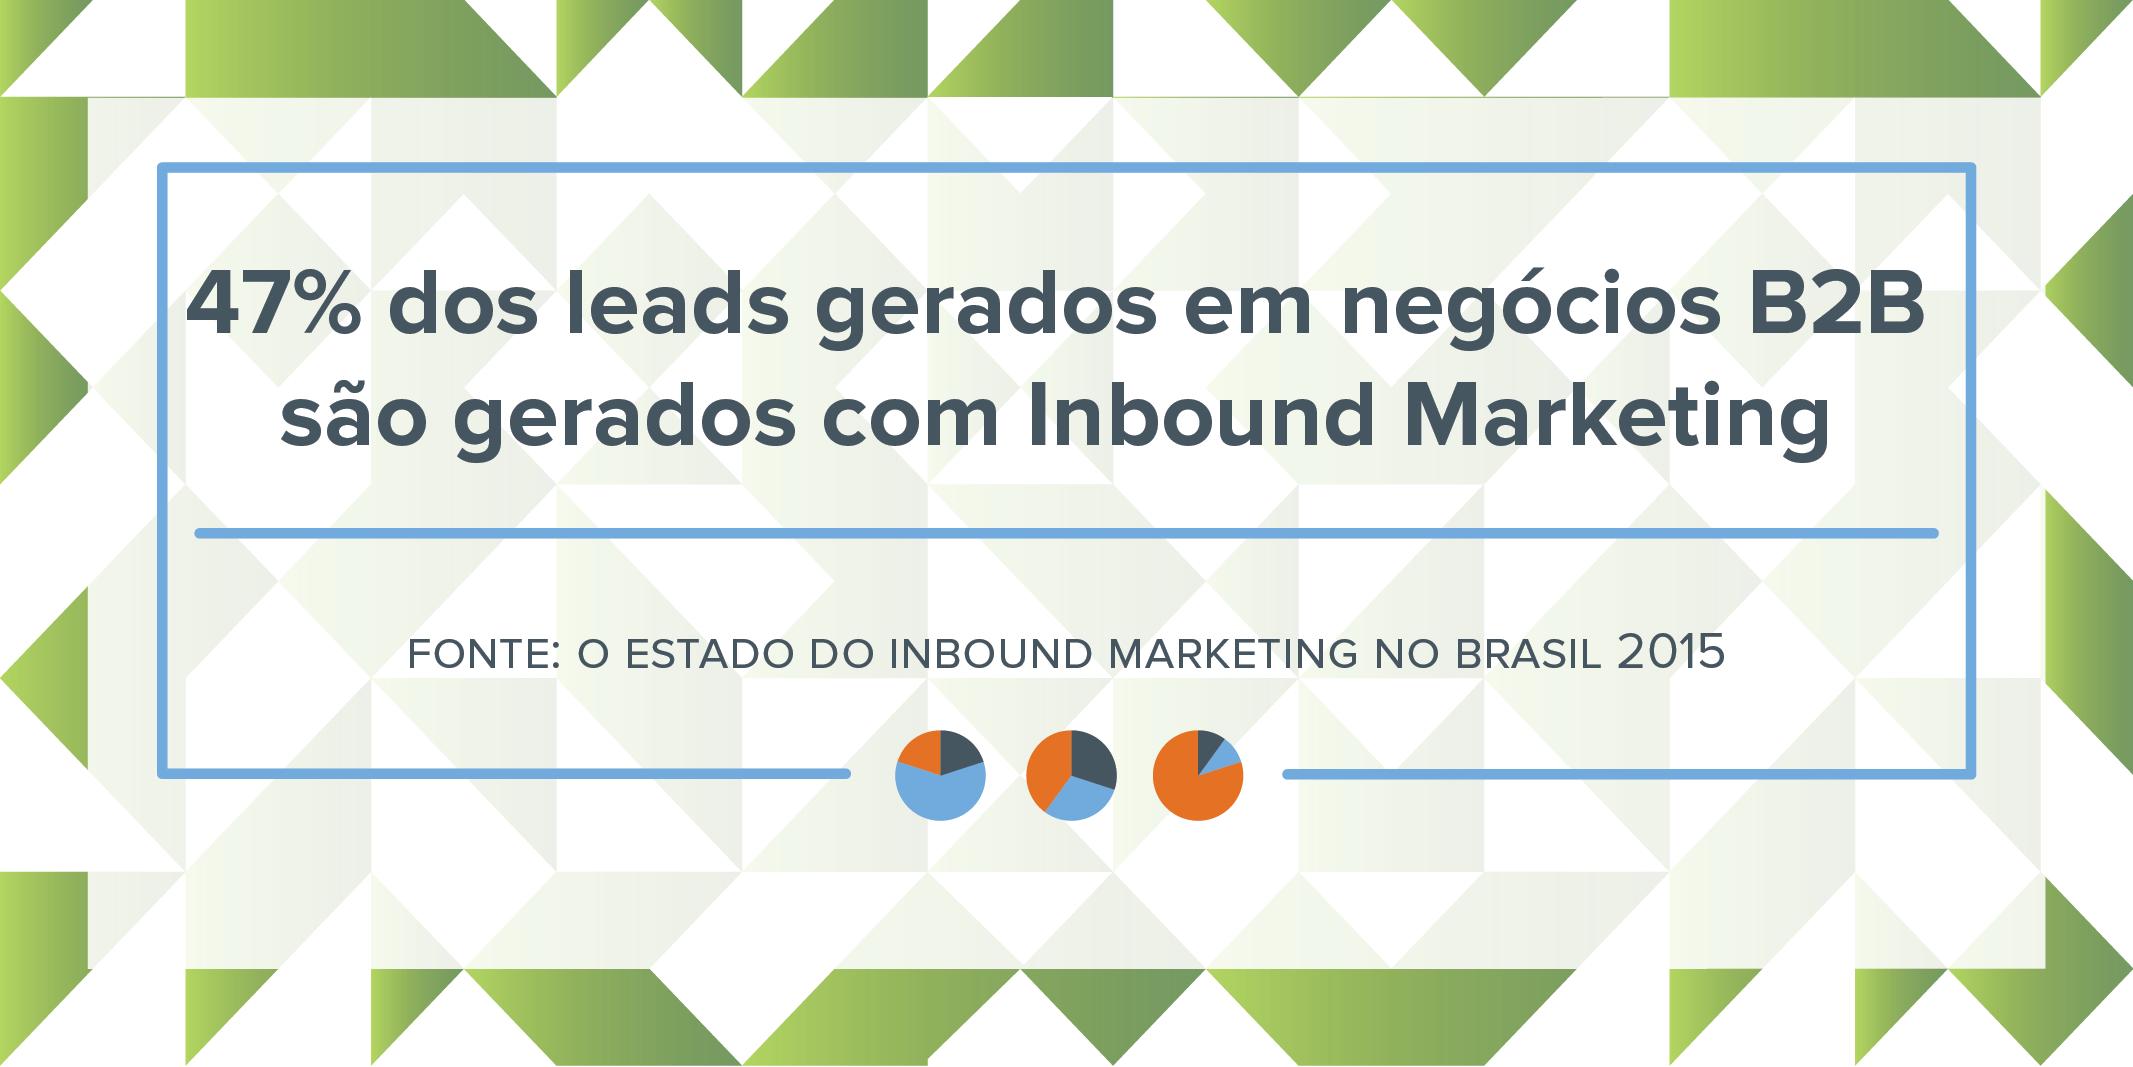 estatisticas-de-inbound-marketing-6.png